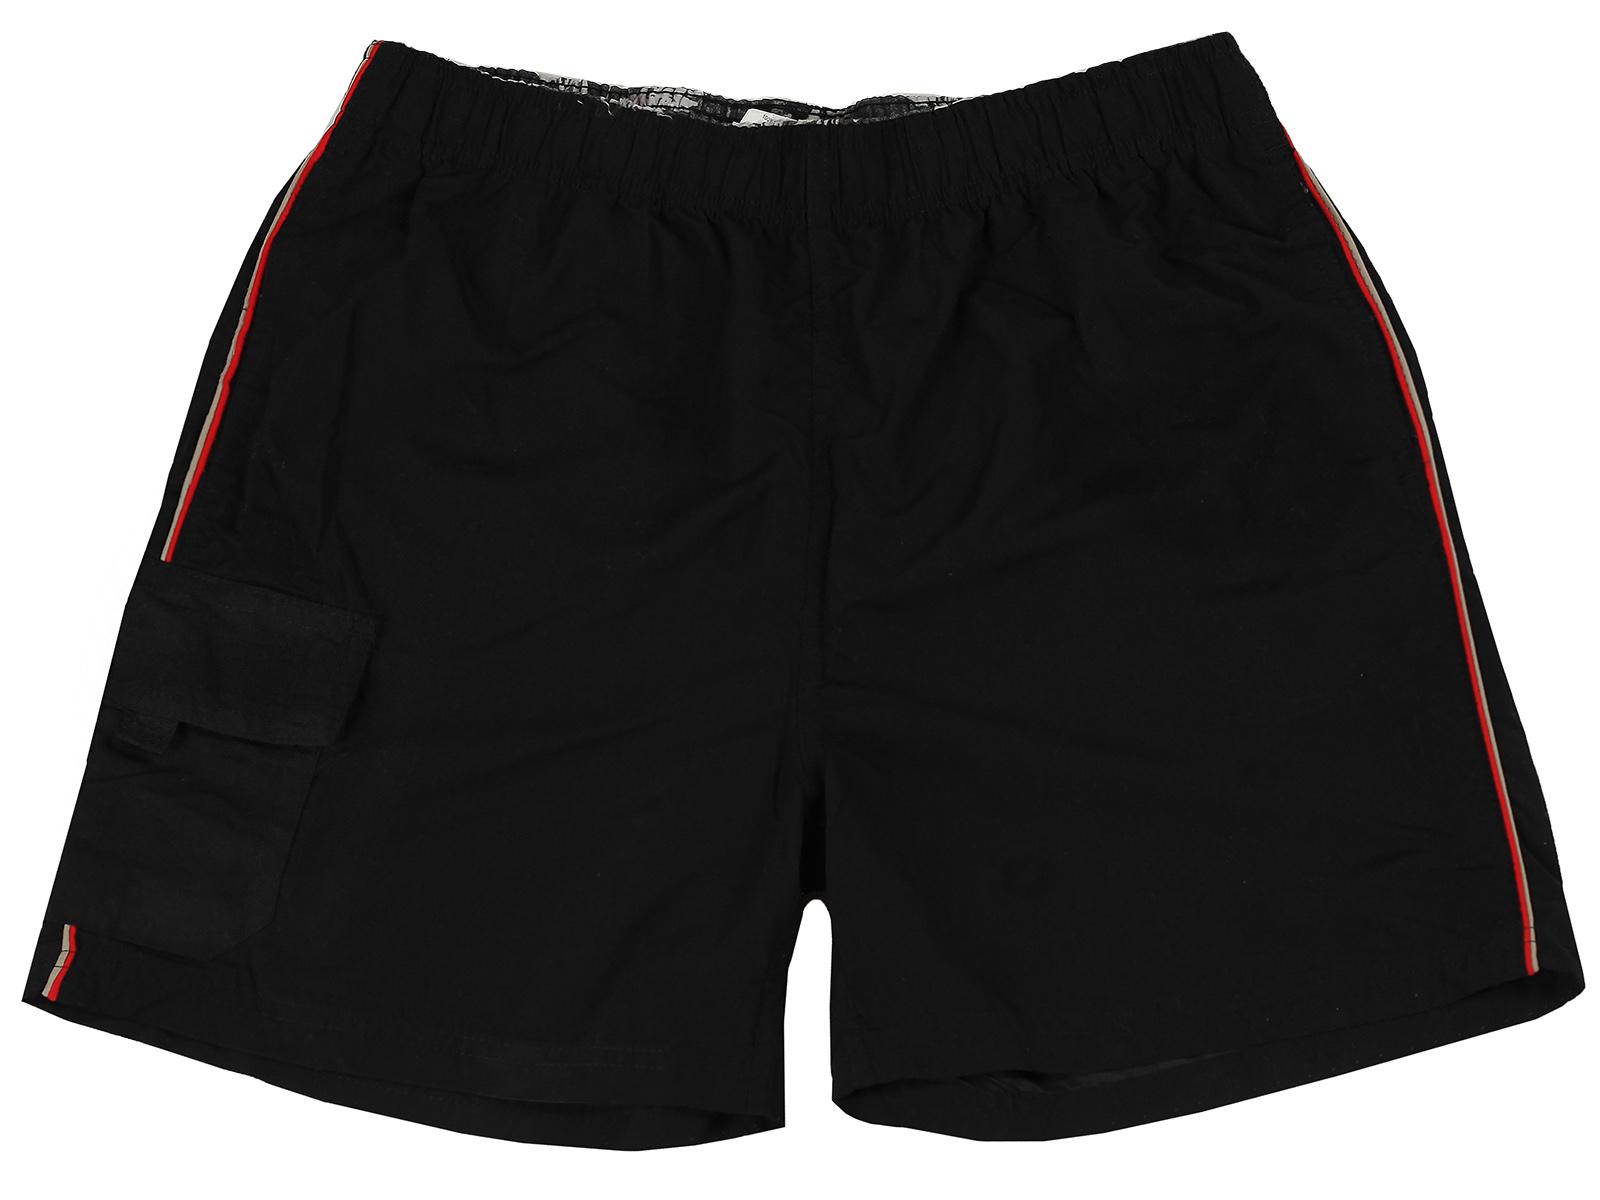 Темные мужские шорты - купить в интернет-магазине с доставкой